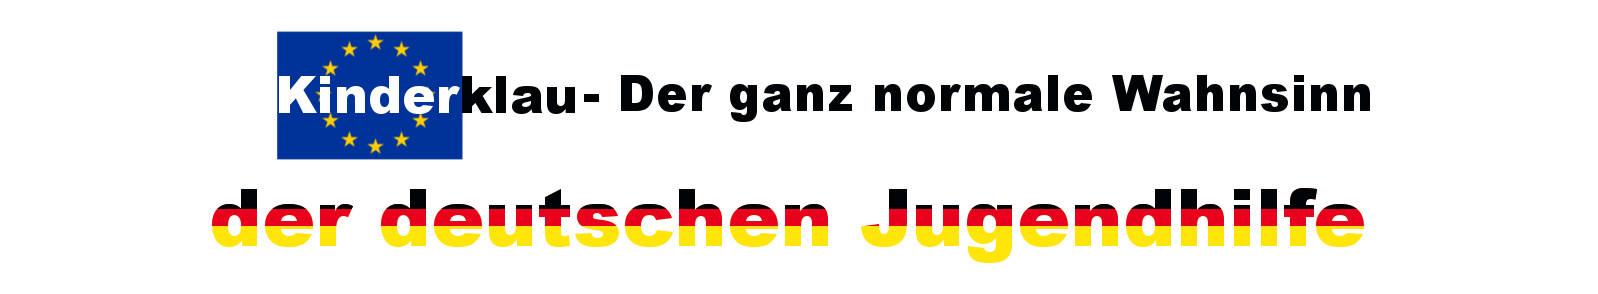 Kinderklau-relaunched.de – Der ganz normale Wahnsinn der deutschen Jugendhilfe